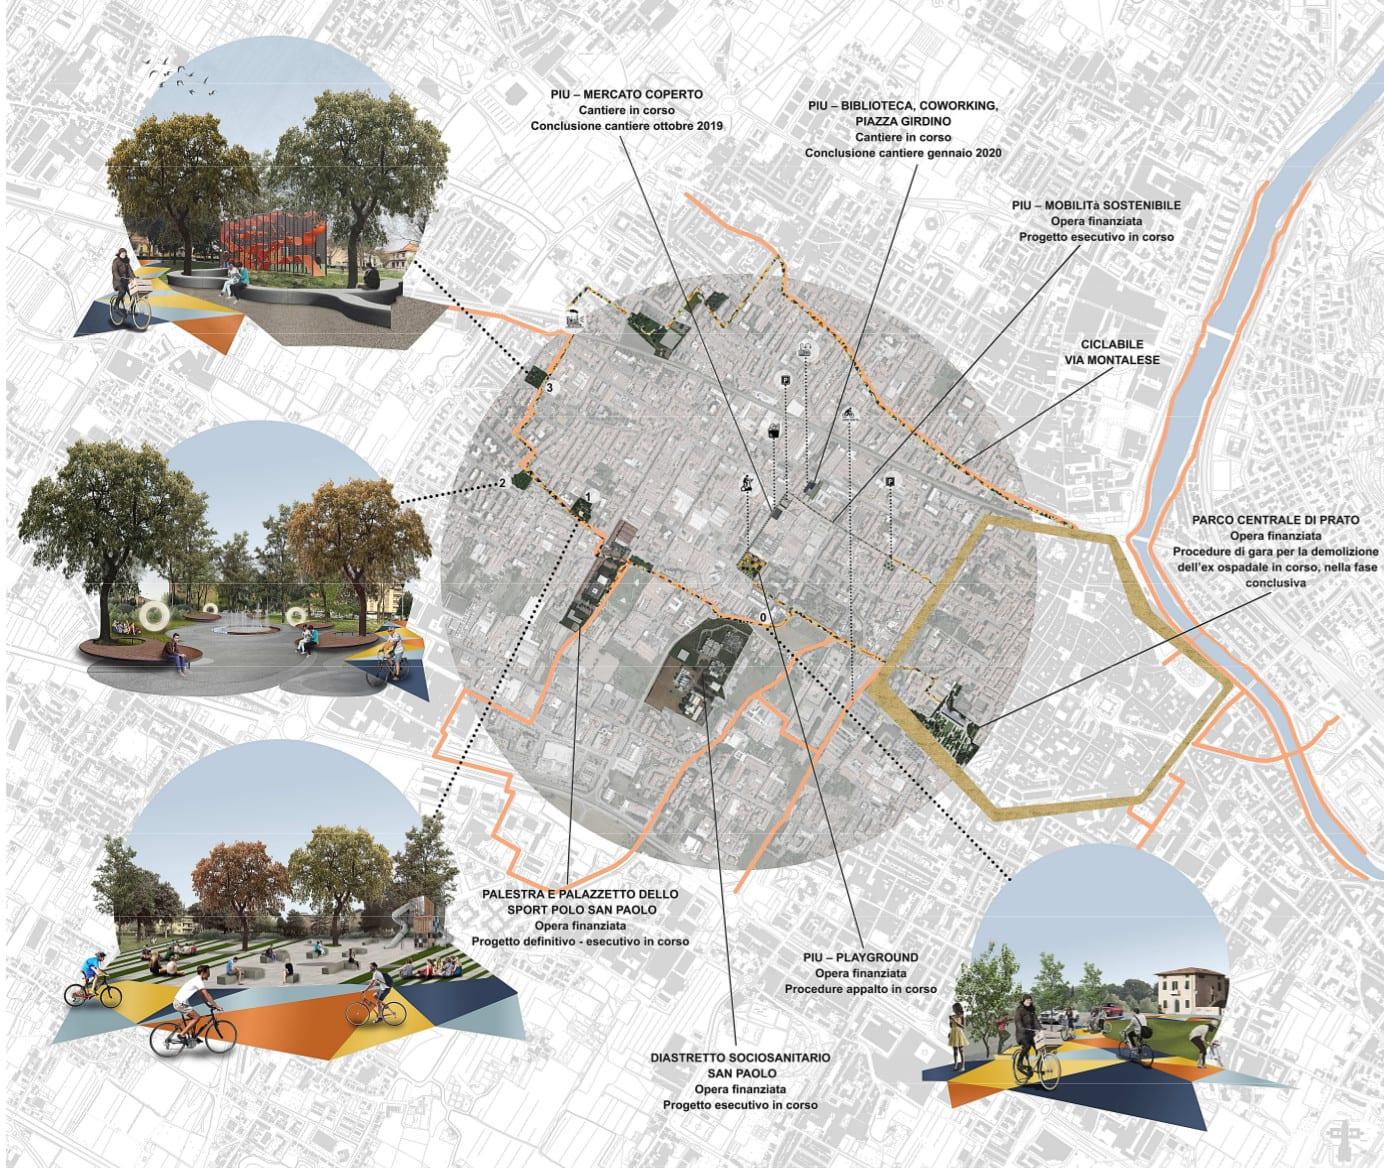 Riqualificazione anche per i giardini di San Paolo e Chiesanuova